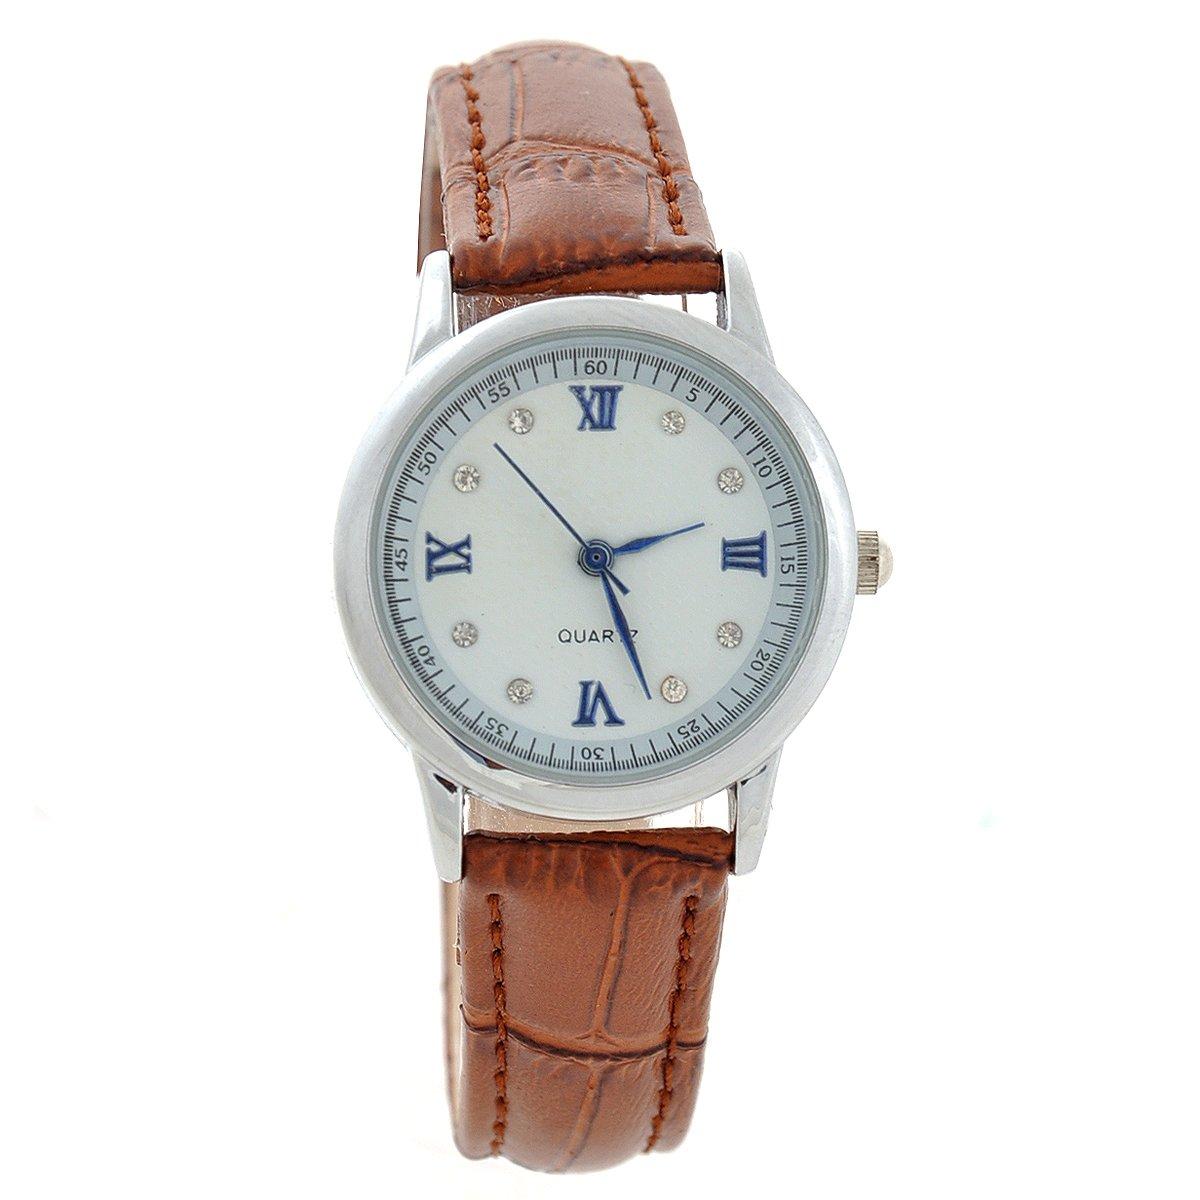 Pixnor BESDEL-D055-Mode Runde Zifferblatt Damen Quarz Armbanduhr mit PU-Band (braun) günstig